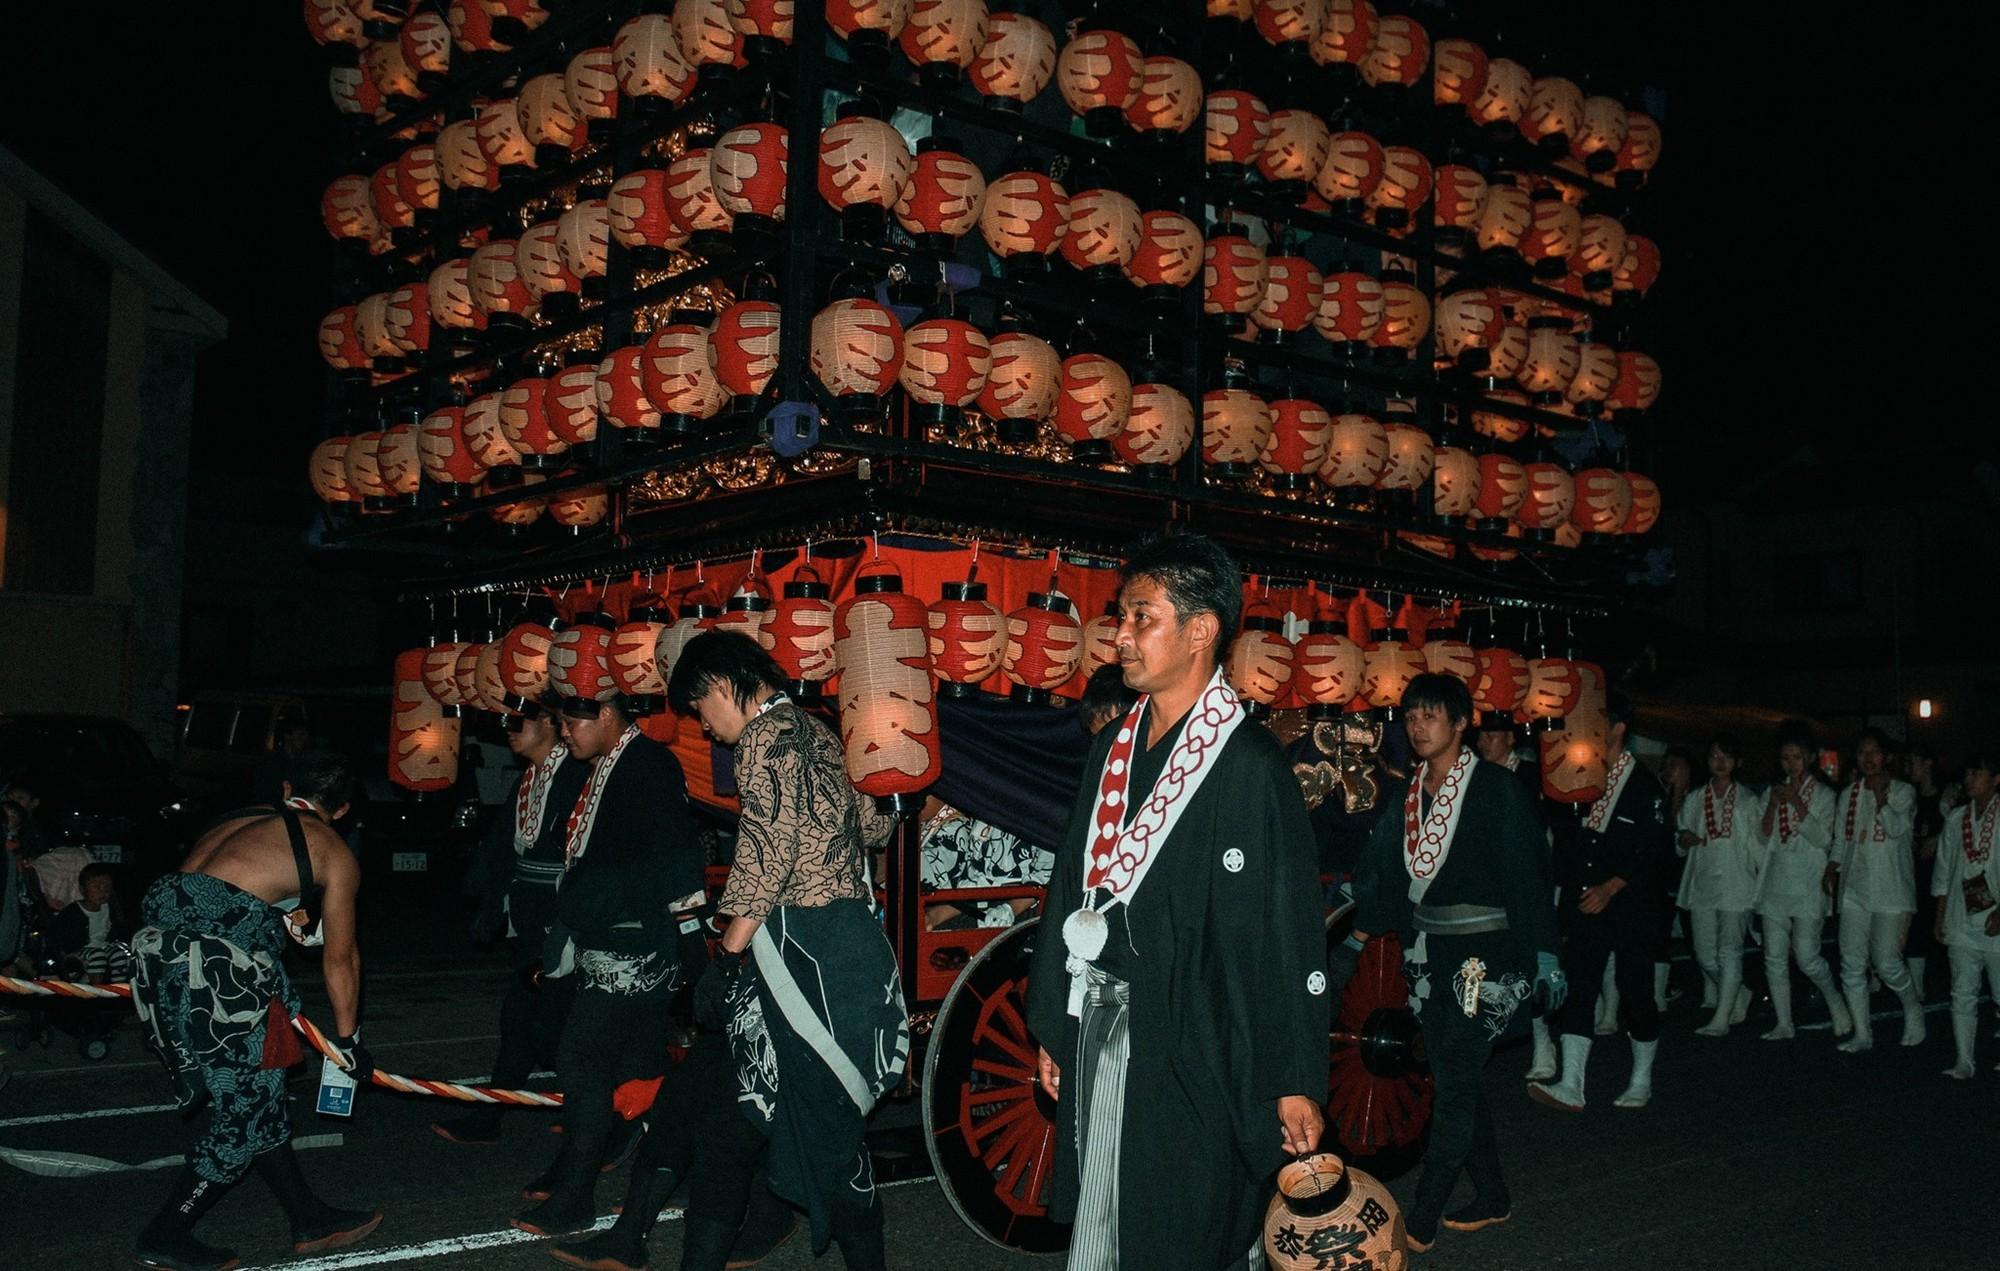 Chiêm ngưỡng lễ hội đèn lồng 350 tuổi ở Nhật Bản - Ảnh 12.